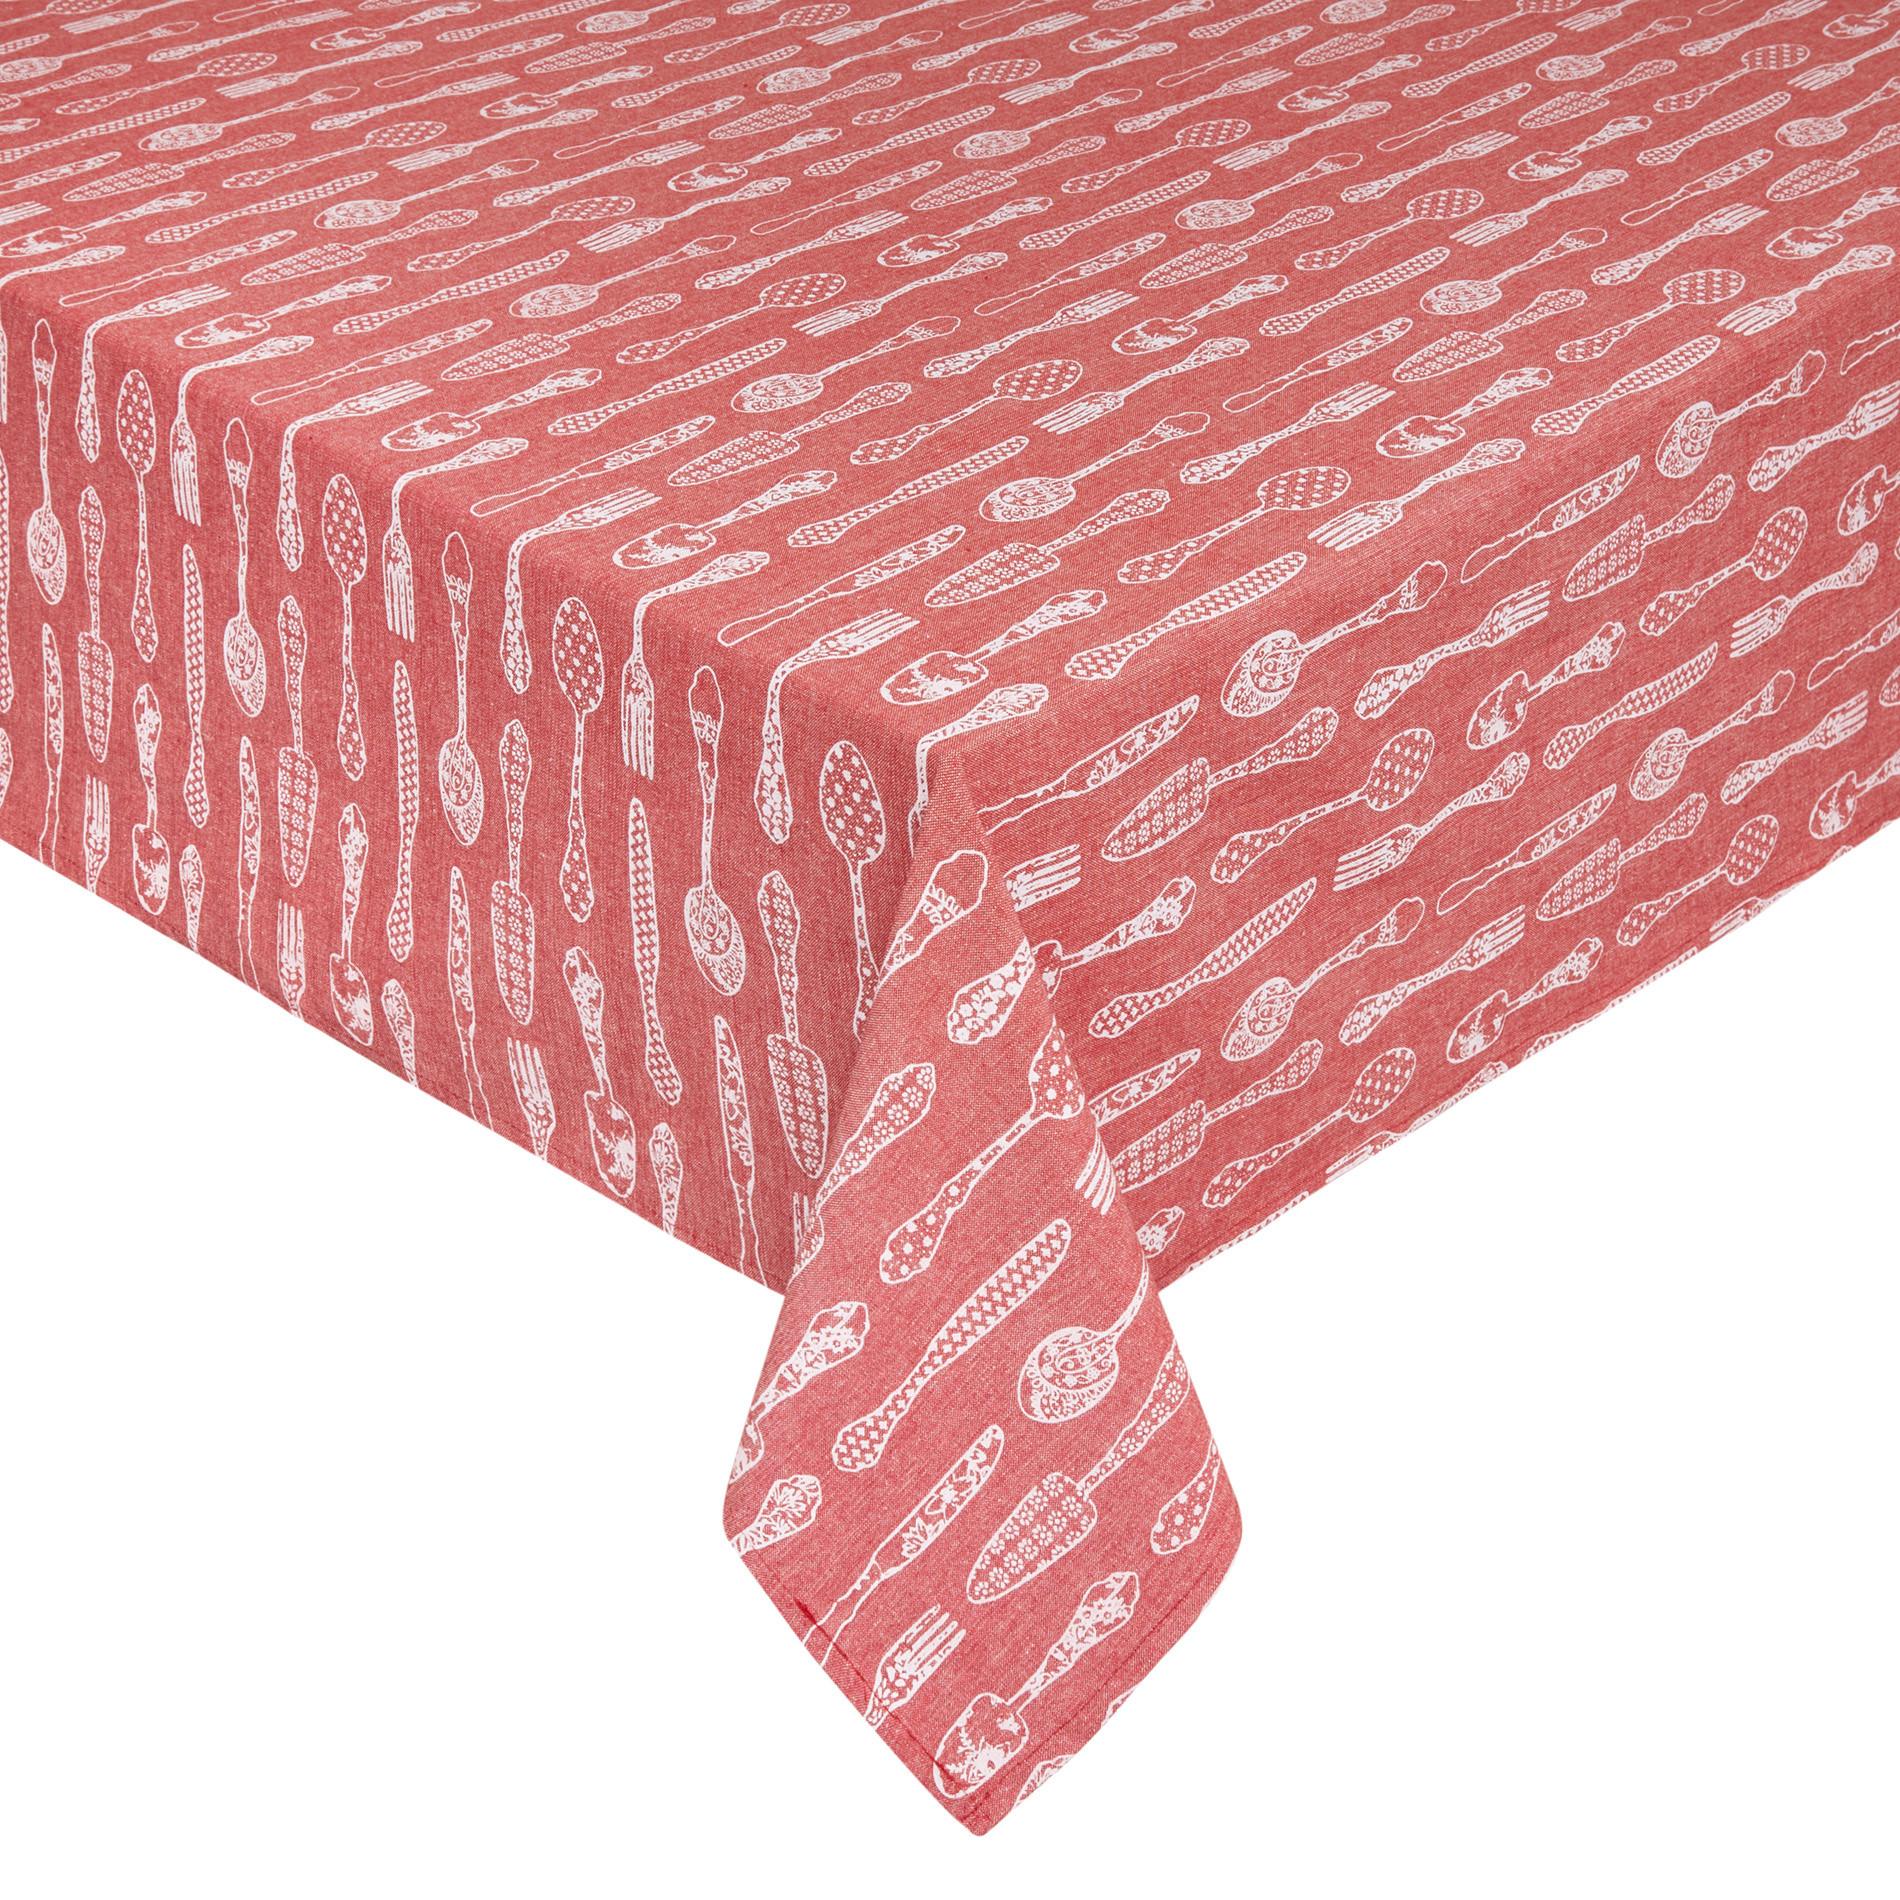 Tovaglia puro cotone idrorepellente stampa posate, Rosso, large image number 0